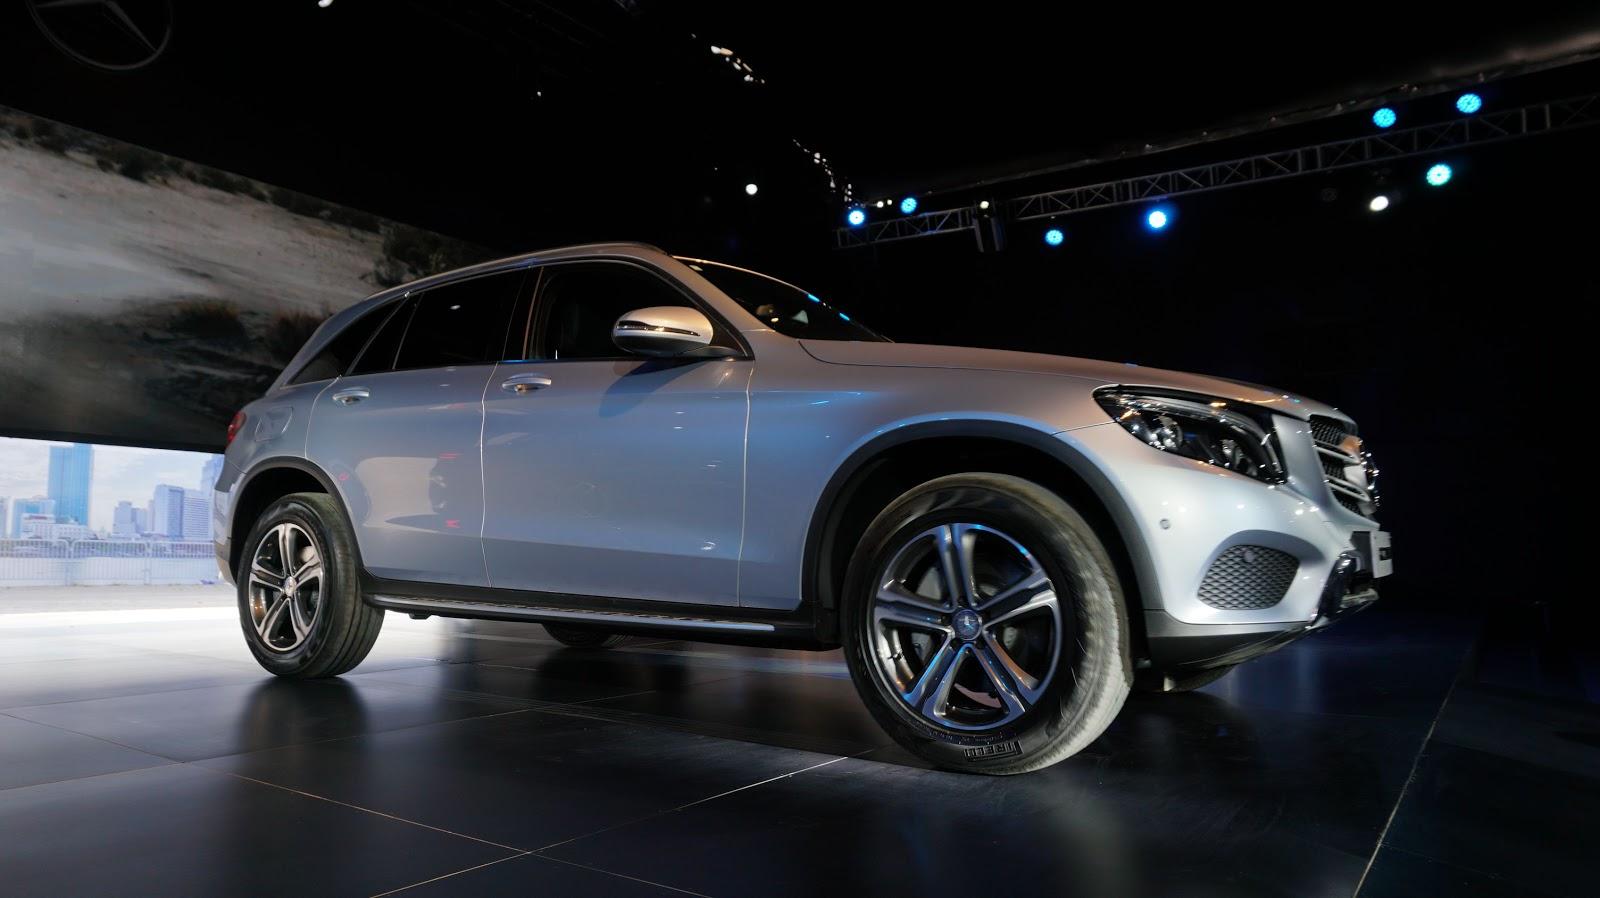 Với mức giá chỉ ngang với chiếc Ford Everest 2016 bản Platinum, giá nhẹ vào khoảng 1,7 tỷ hơn